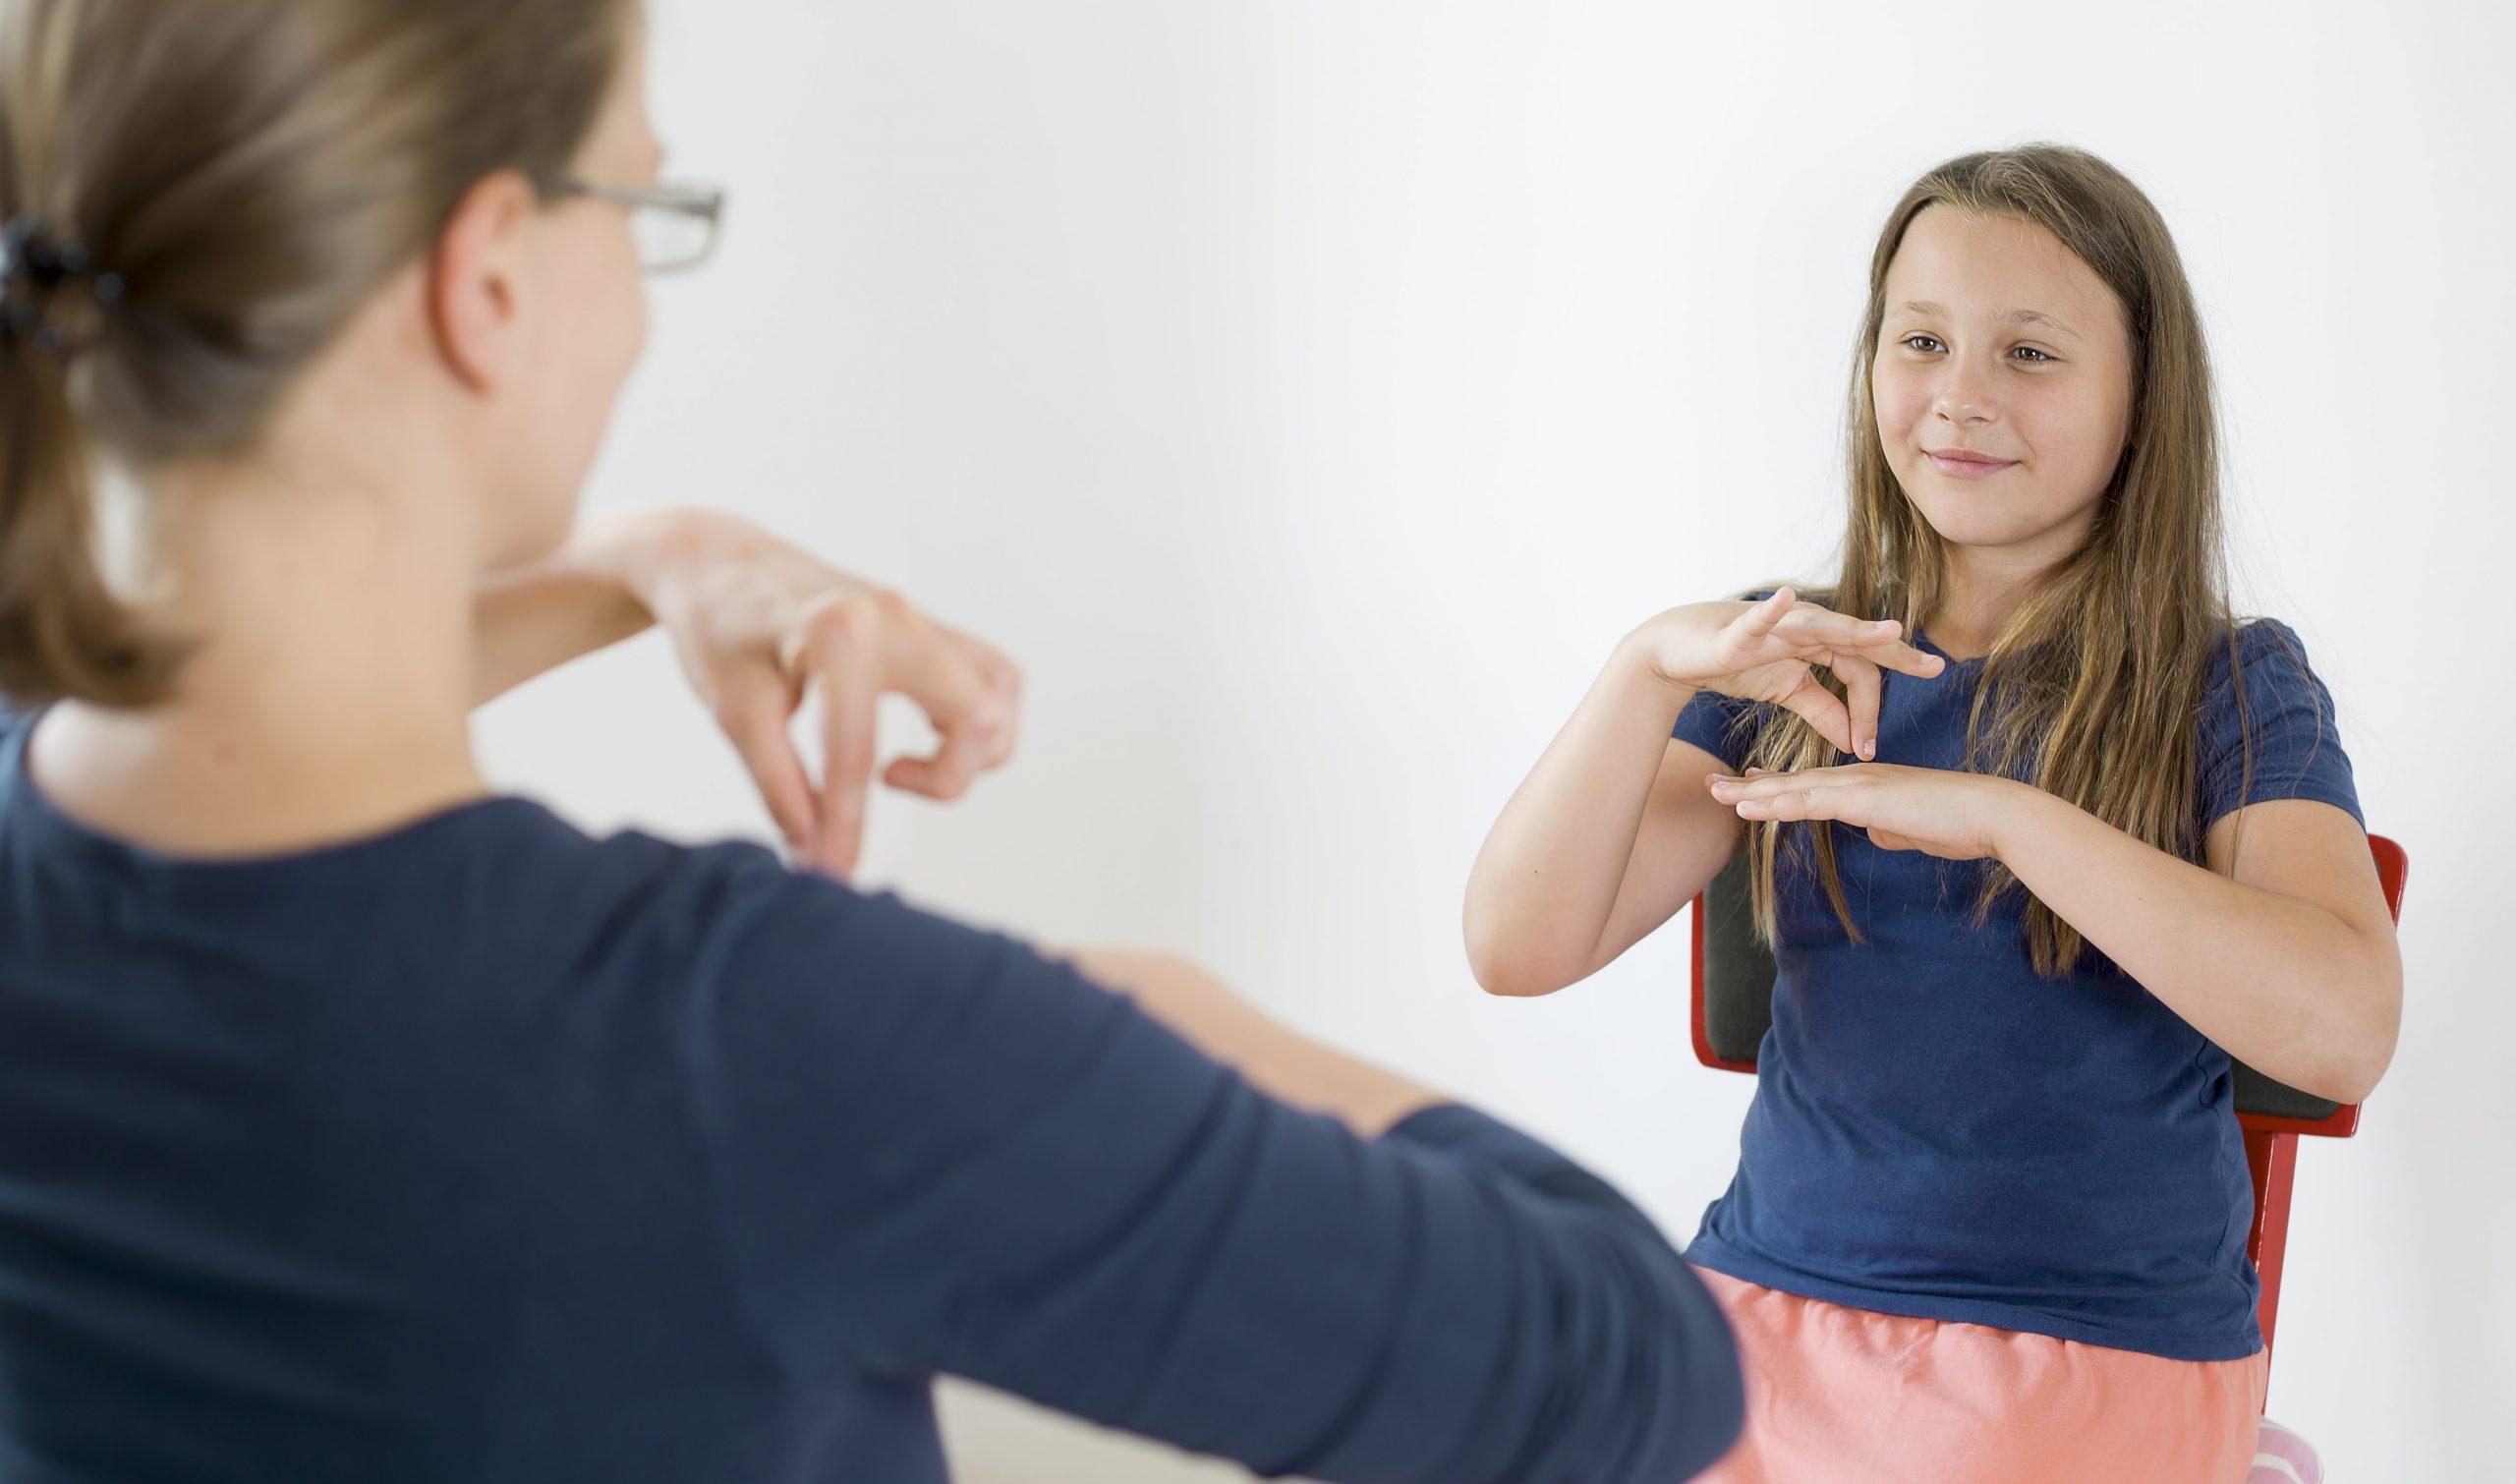 Жестовая речь как средство невербальной коммуникации